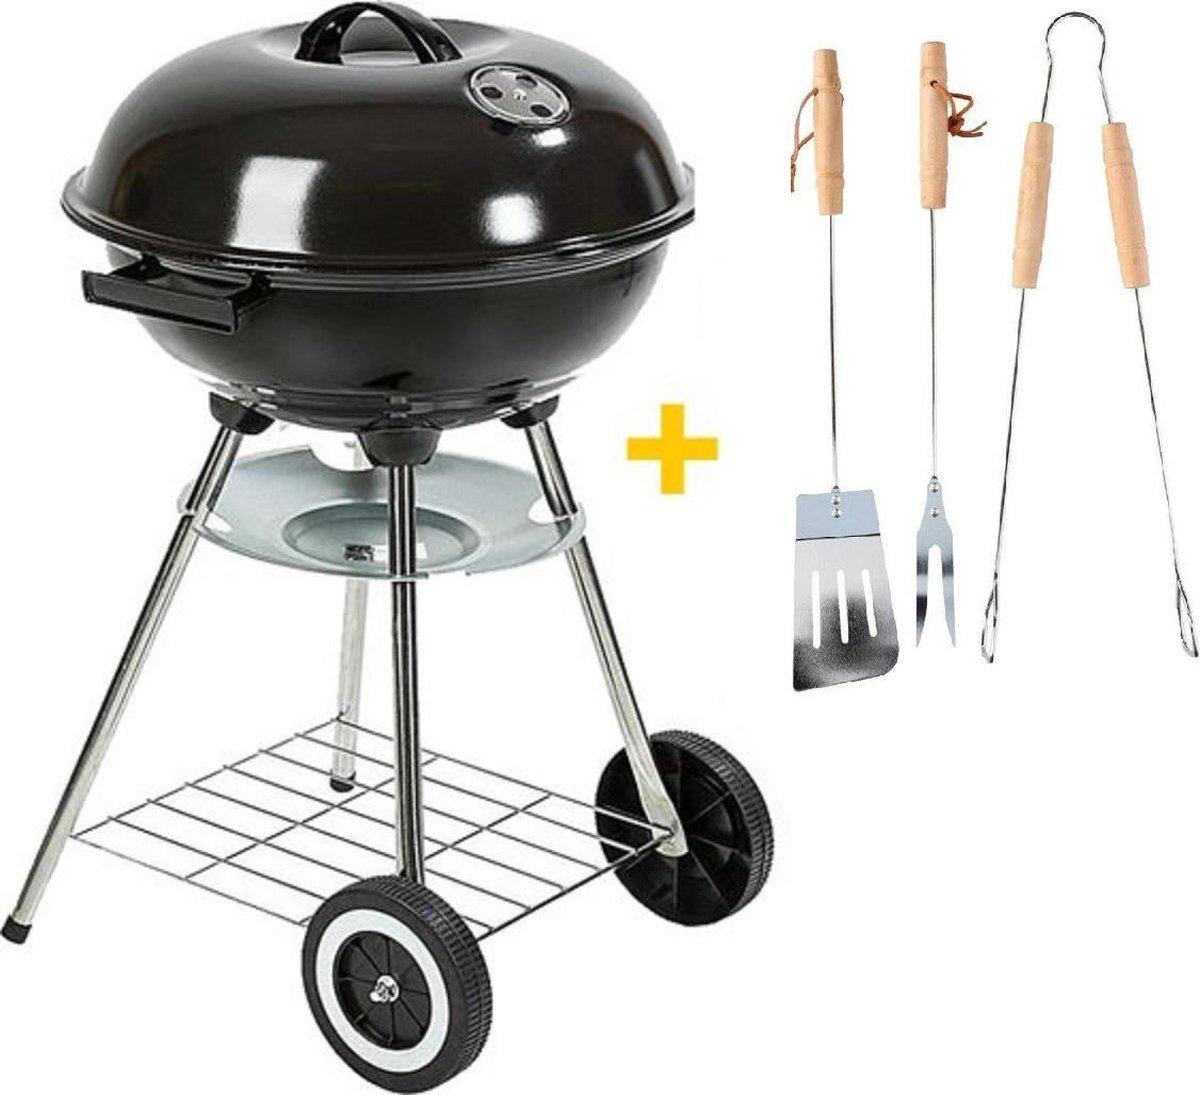 MaxxGarden Houtskool Barbecue - Grilloppervlak Ø 45 cm - Met Gereedschap - Zwart